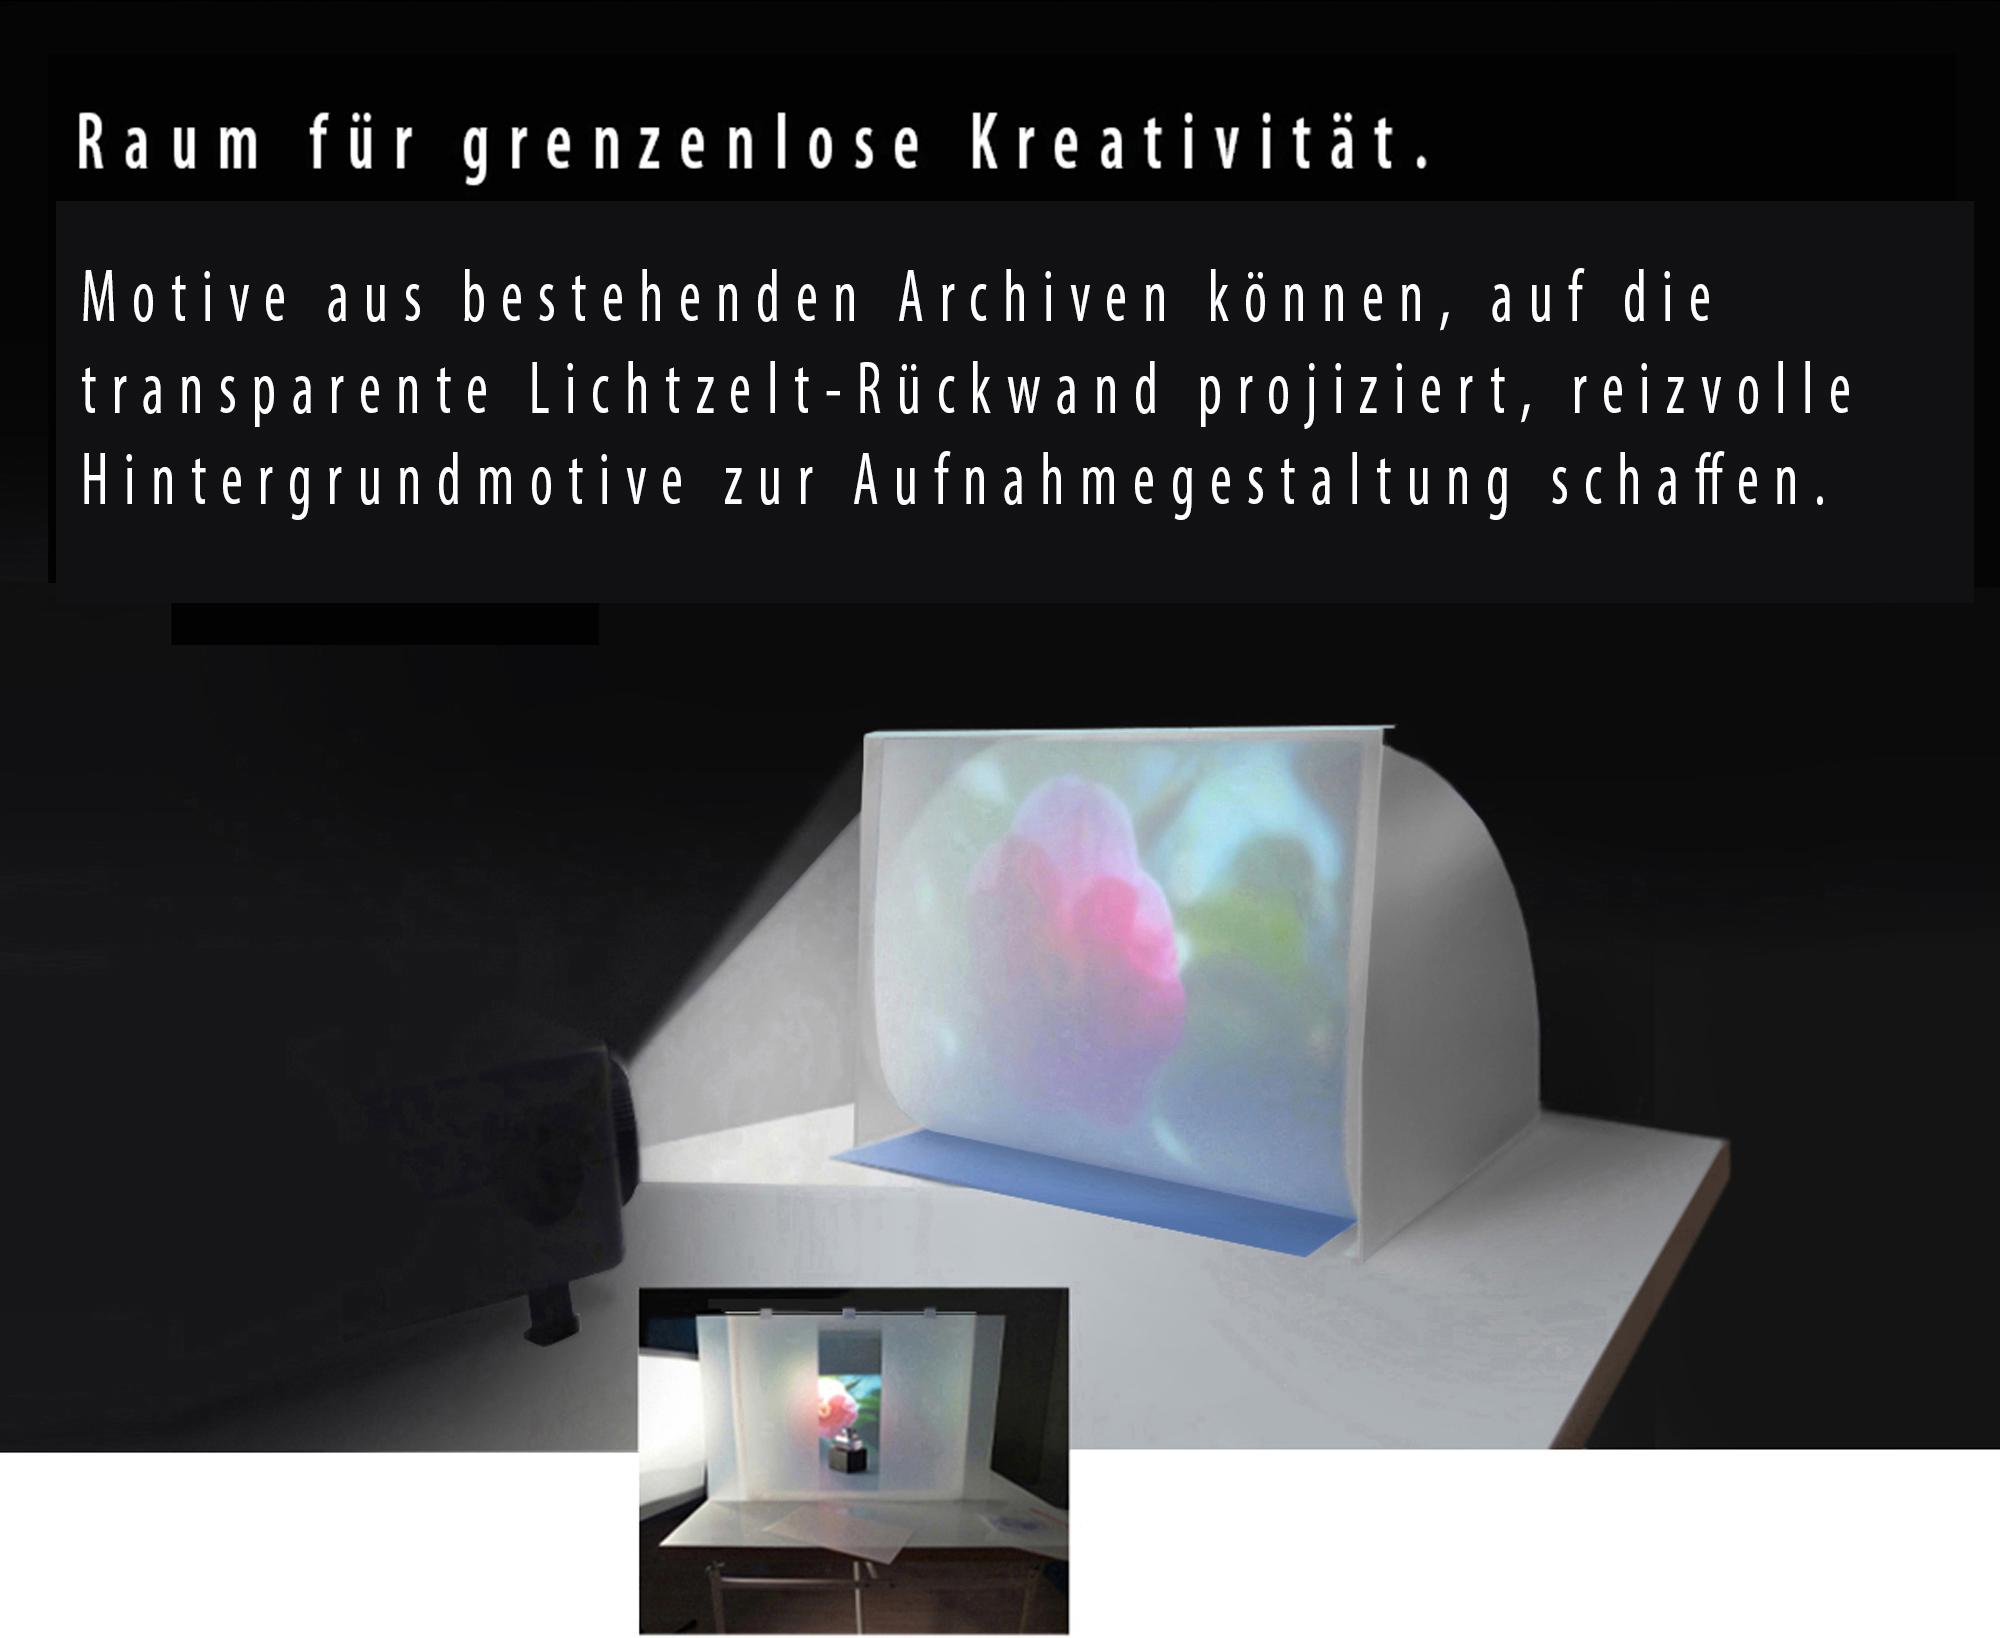 fotoworkxblog   HighEnd Lichtzeltsysteme für Macher. www.bigcube.de